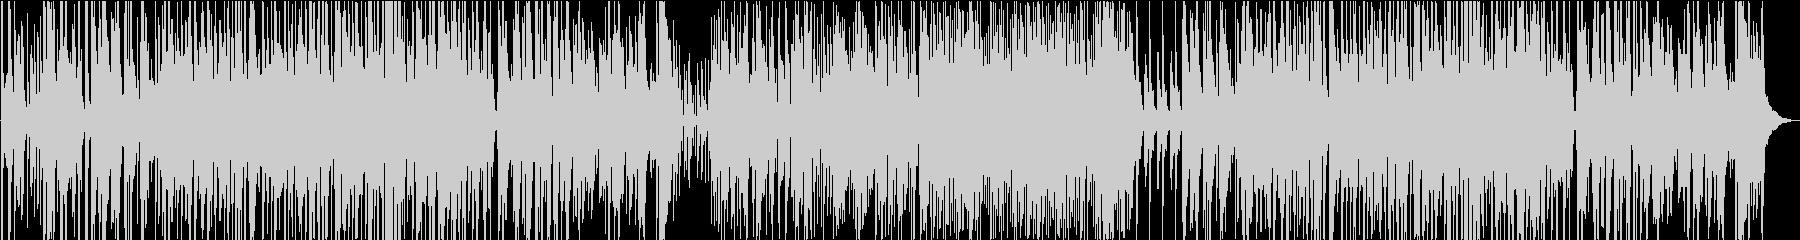 三拍子のオーソドックスジャズ の未再生の波形